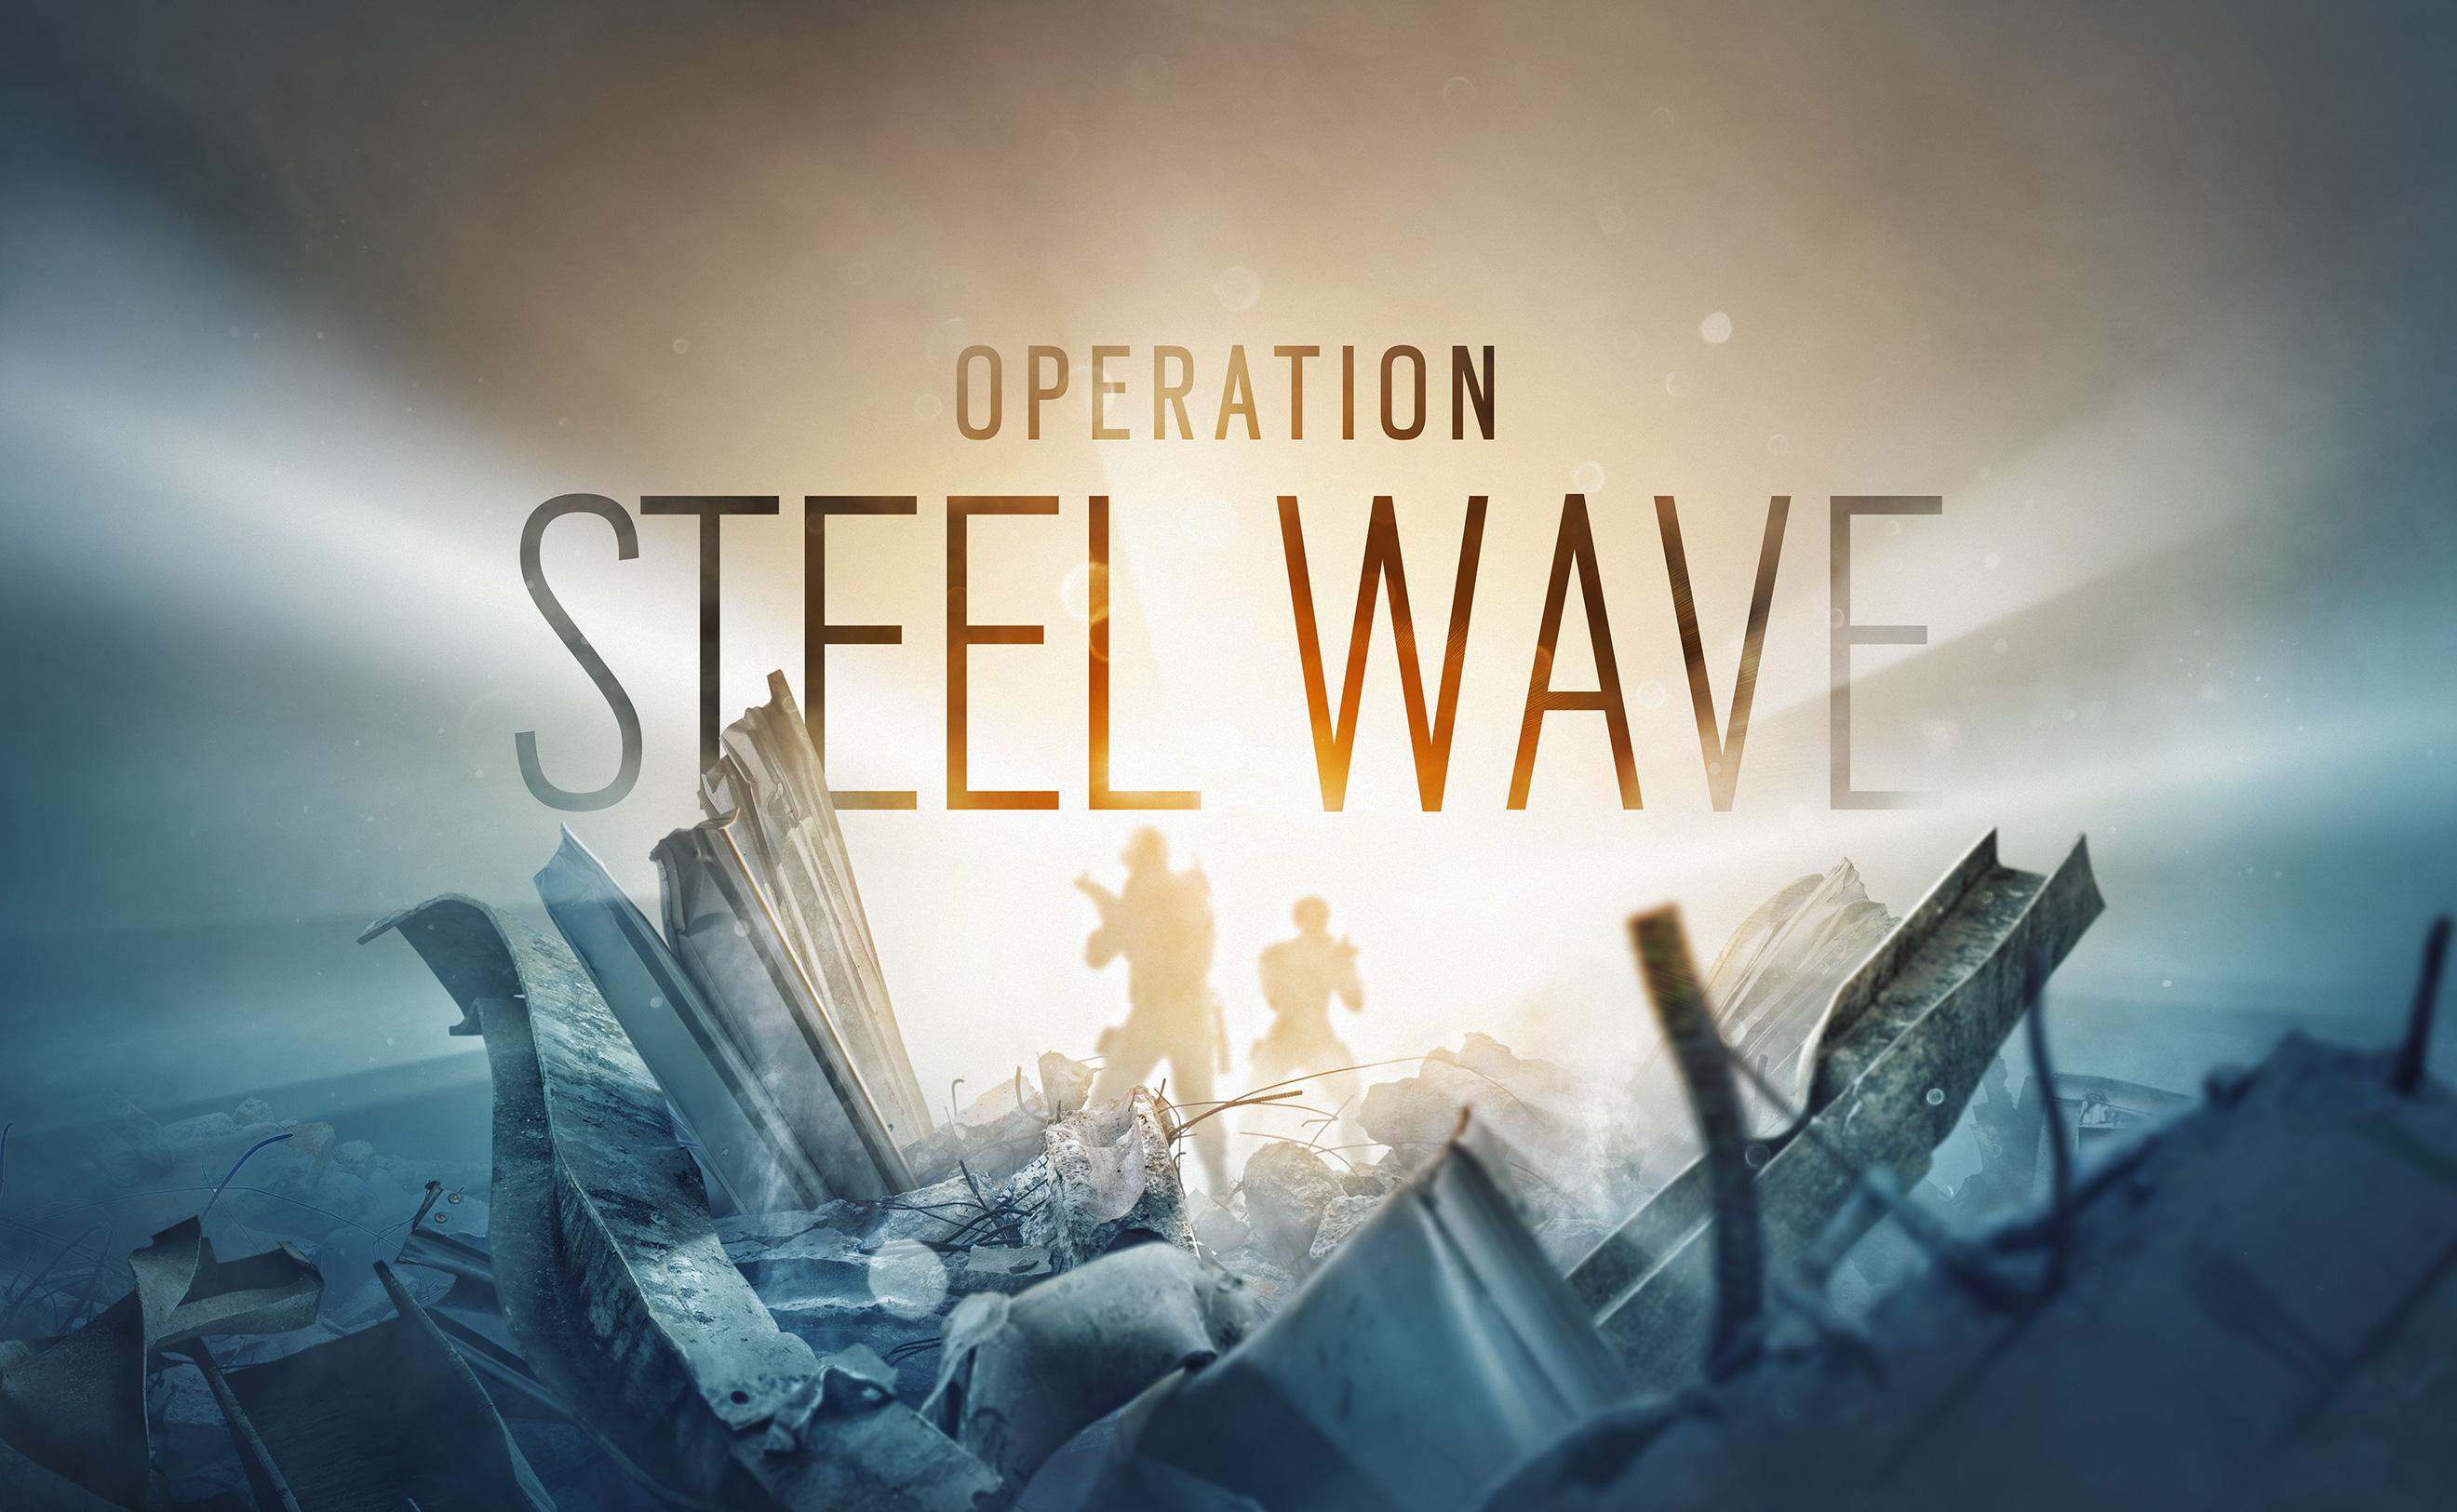 Tom Clancy's Rainbow Six Siege: Operation Steel Wave